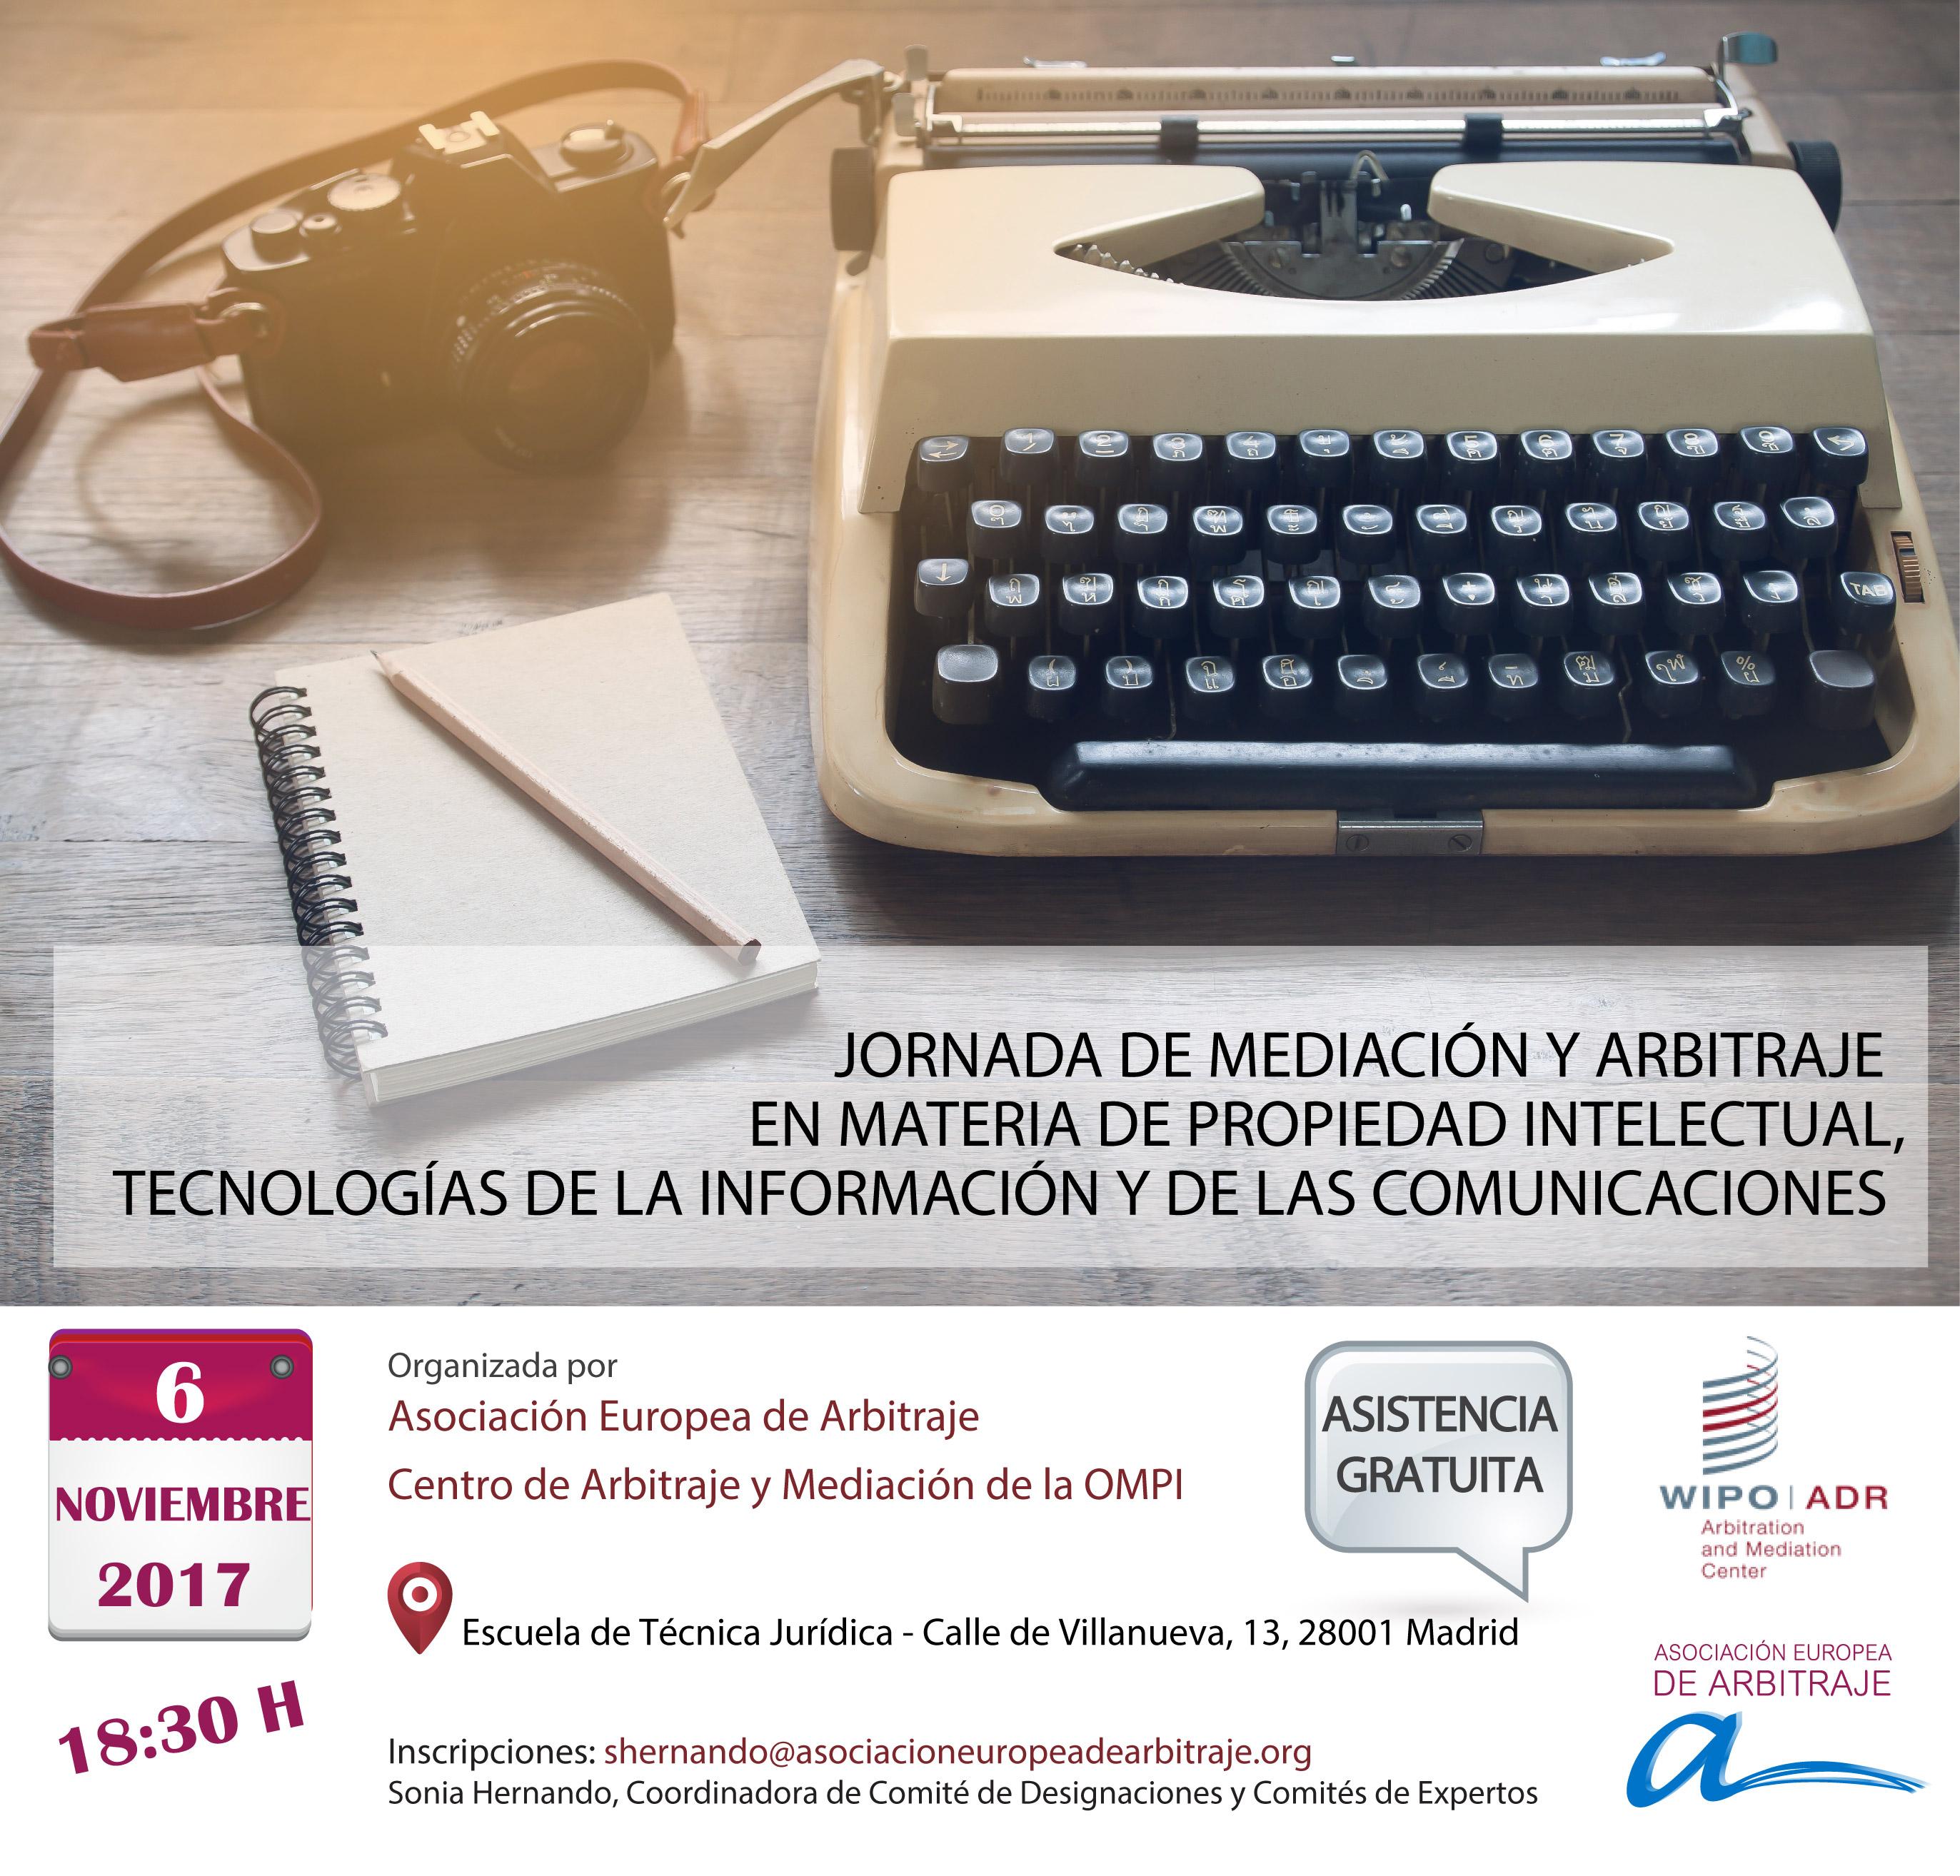 Jornada de mediación y arbitraje en materia de propiedad intelectual, tecnologías de la información y de las comunicaciones (OMPI-Asociación Europea de Arbitraje), Madrid